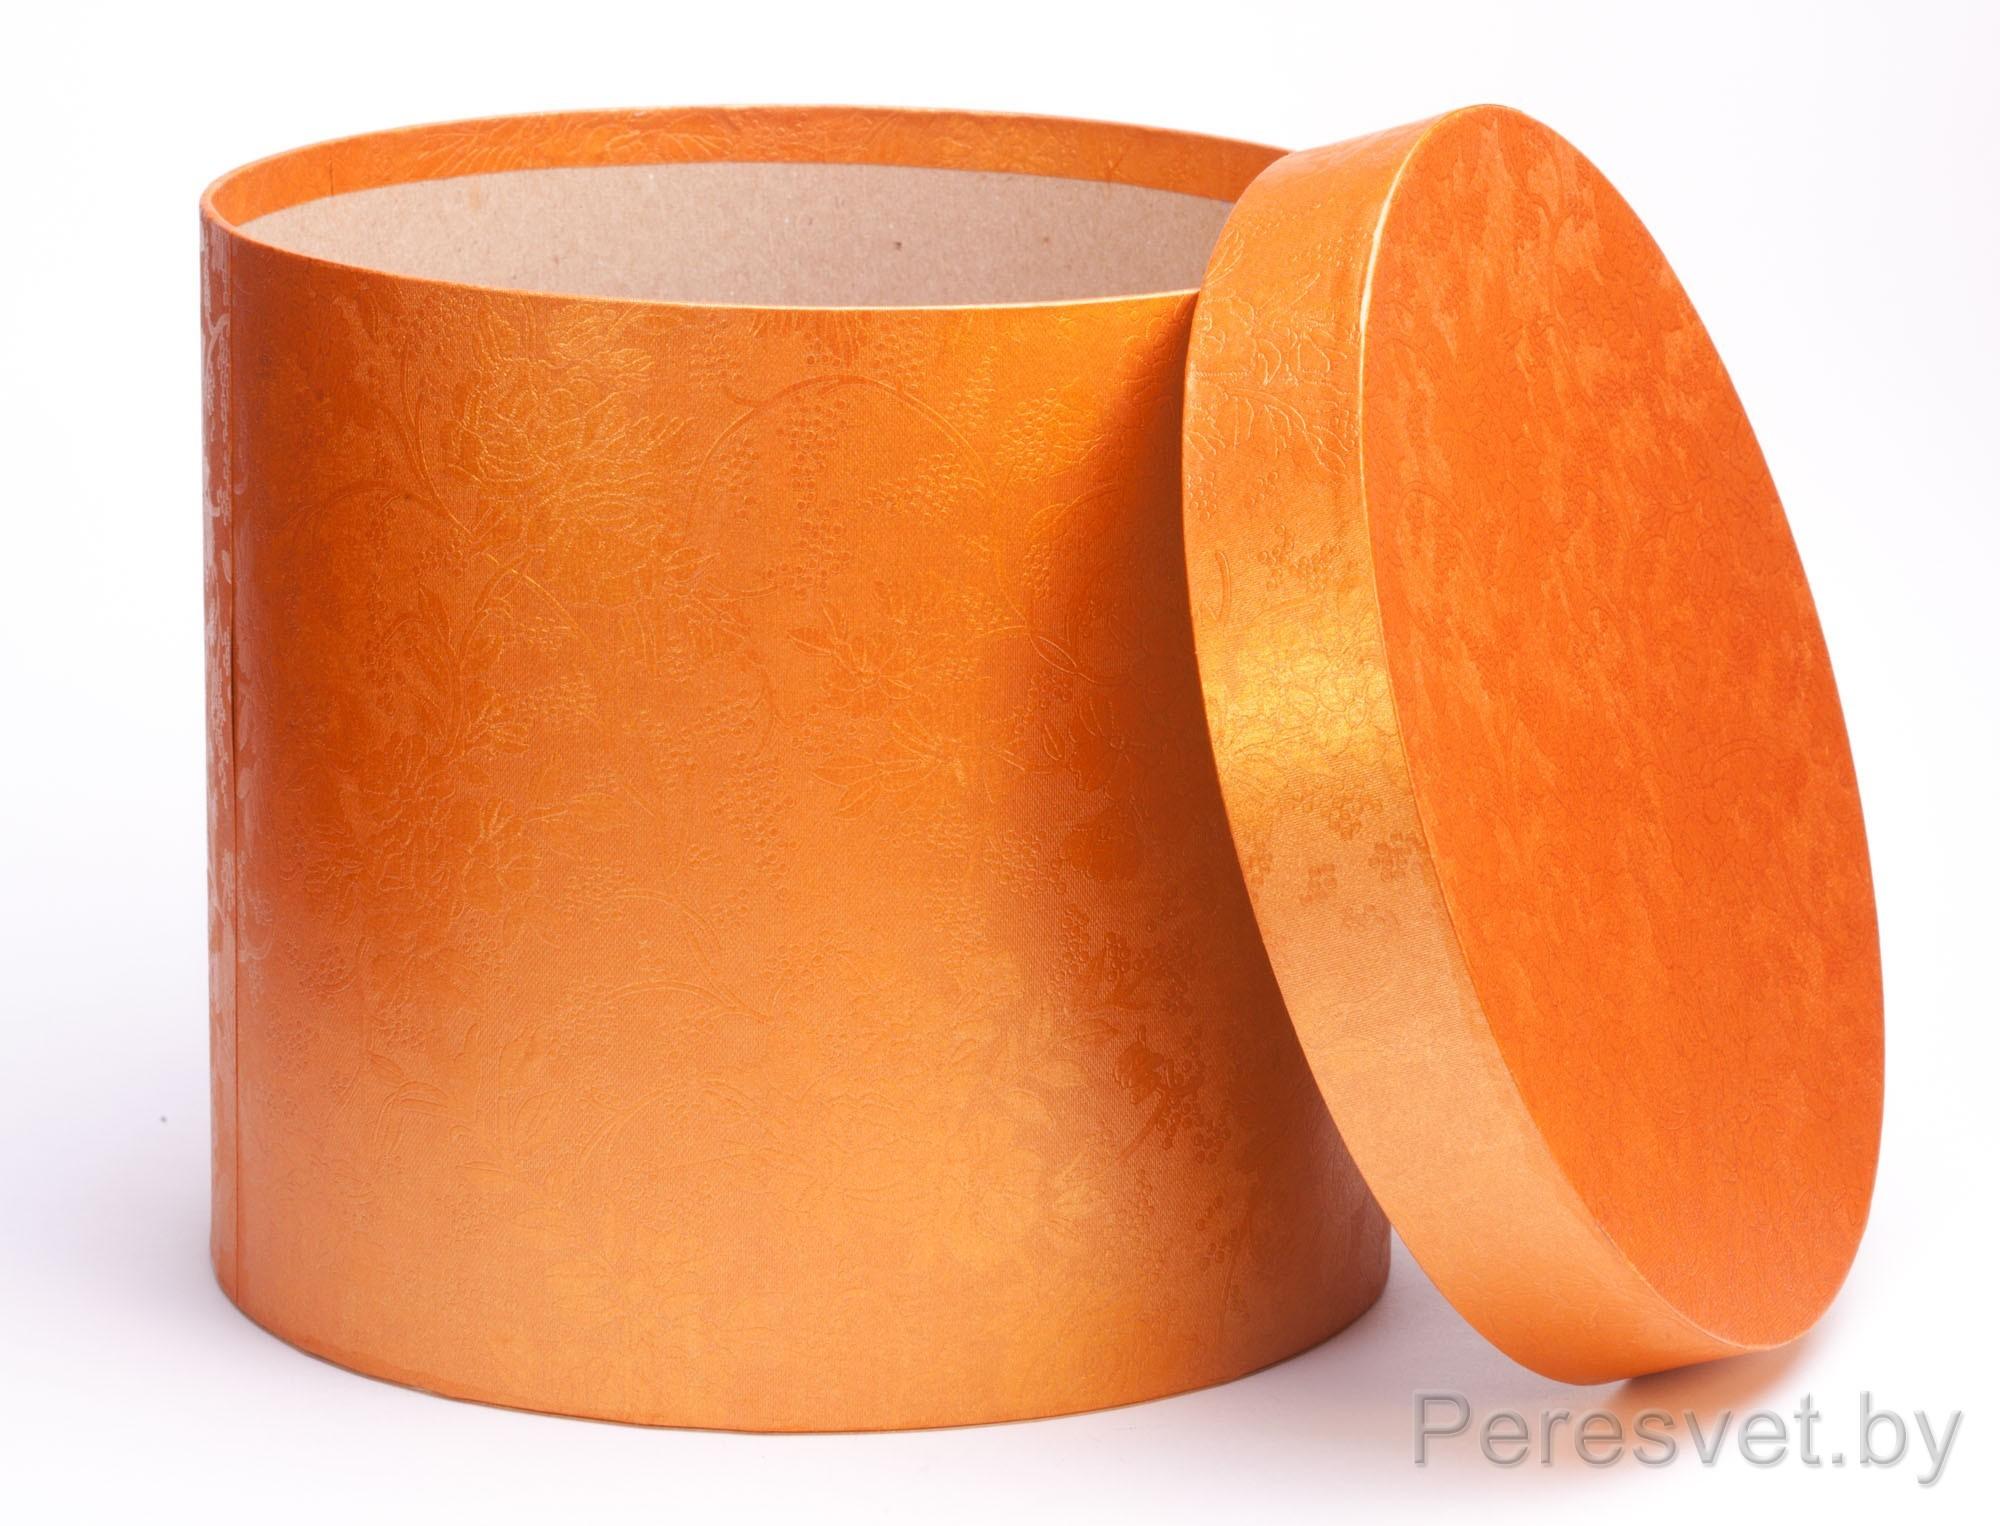 Шляпная коробка Для любимой шляпки ручной работы на peresvet.by